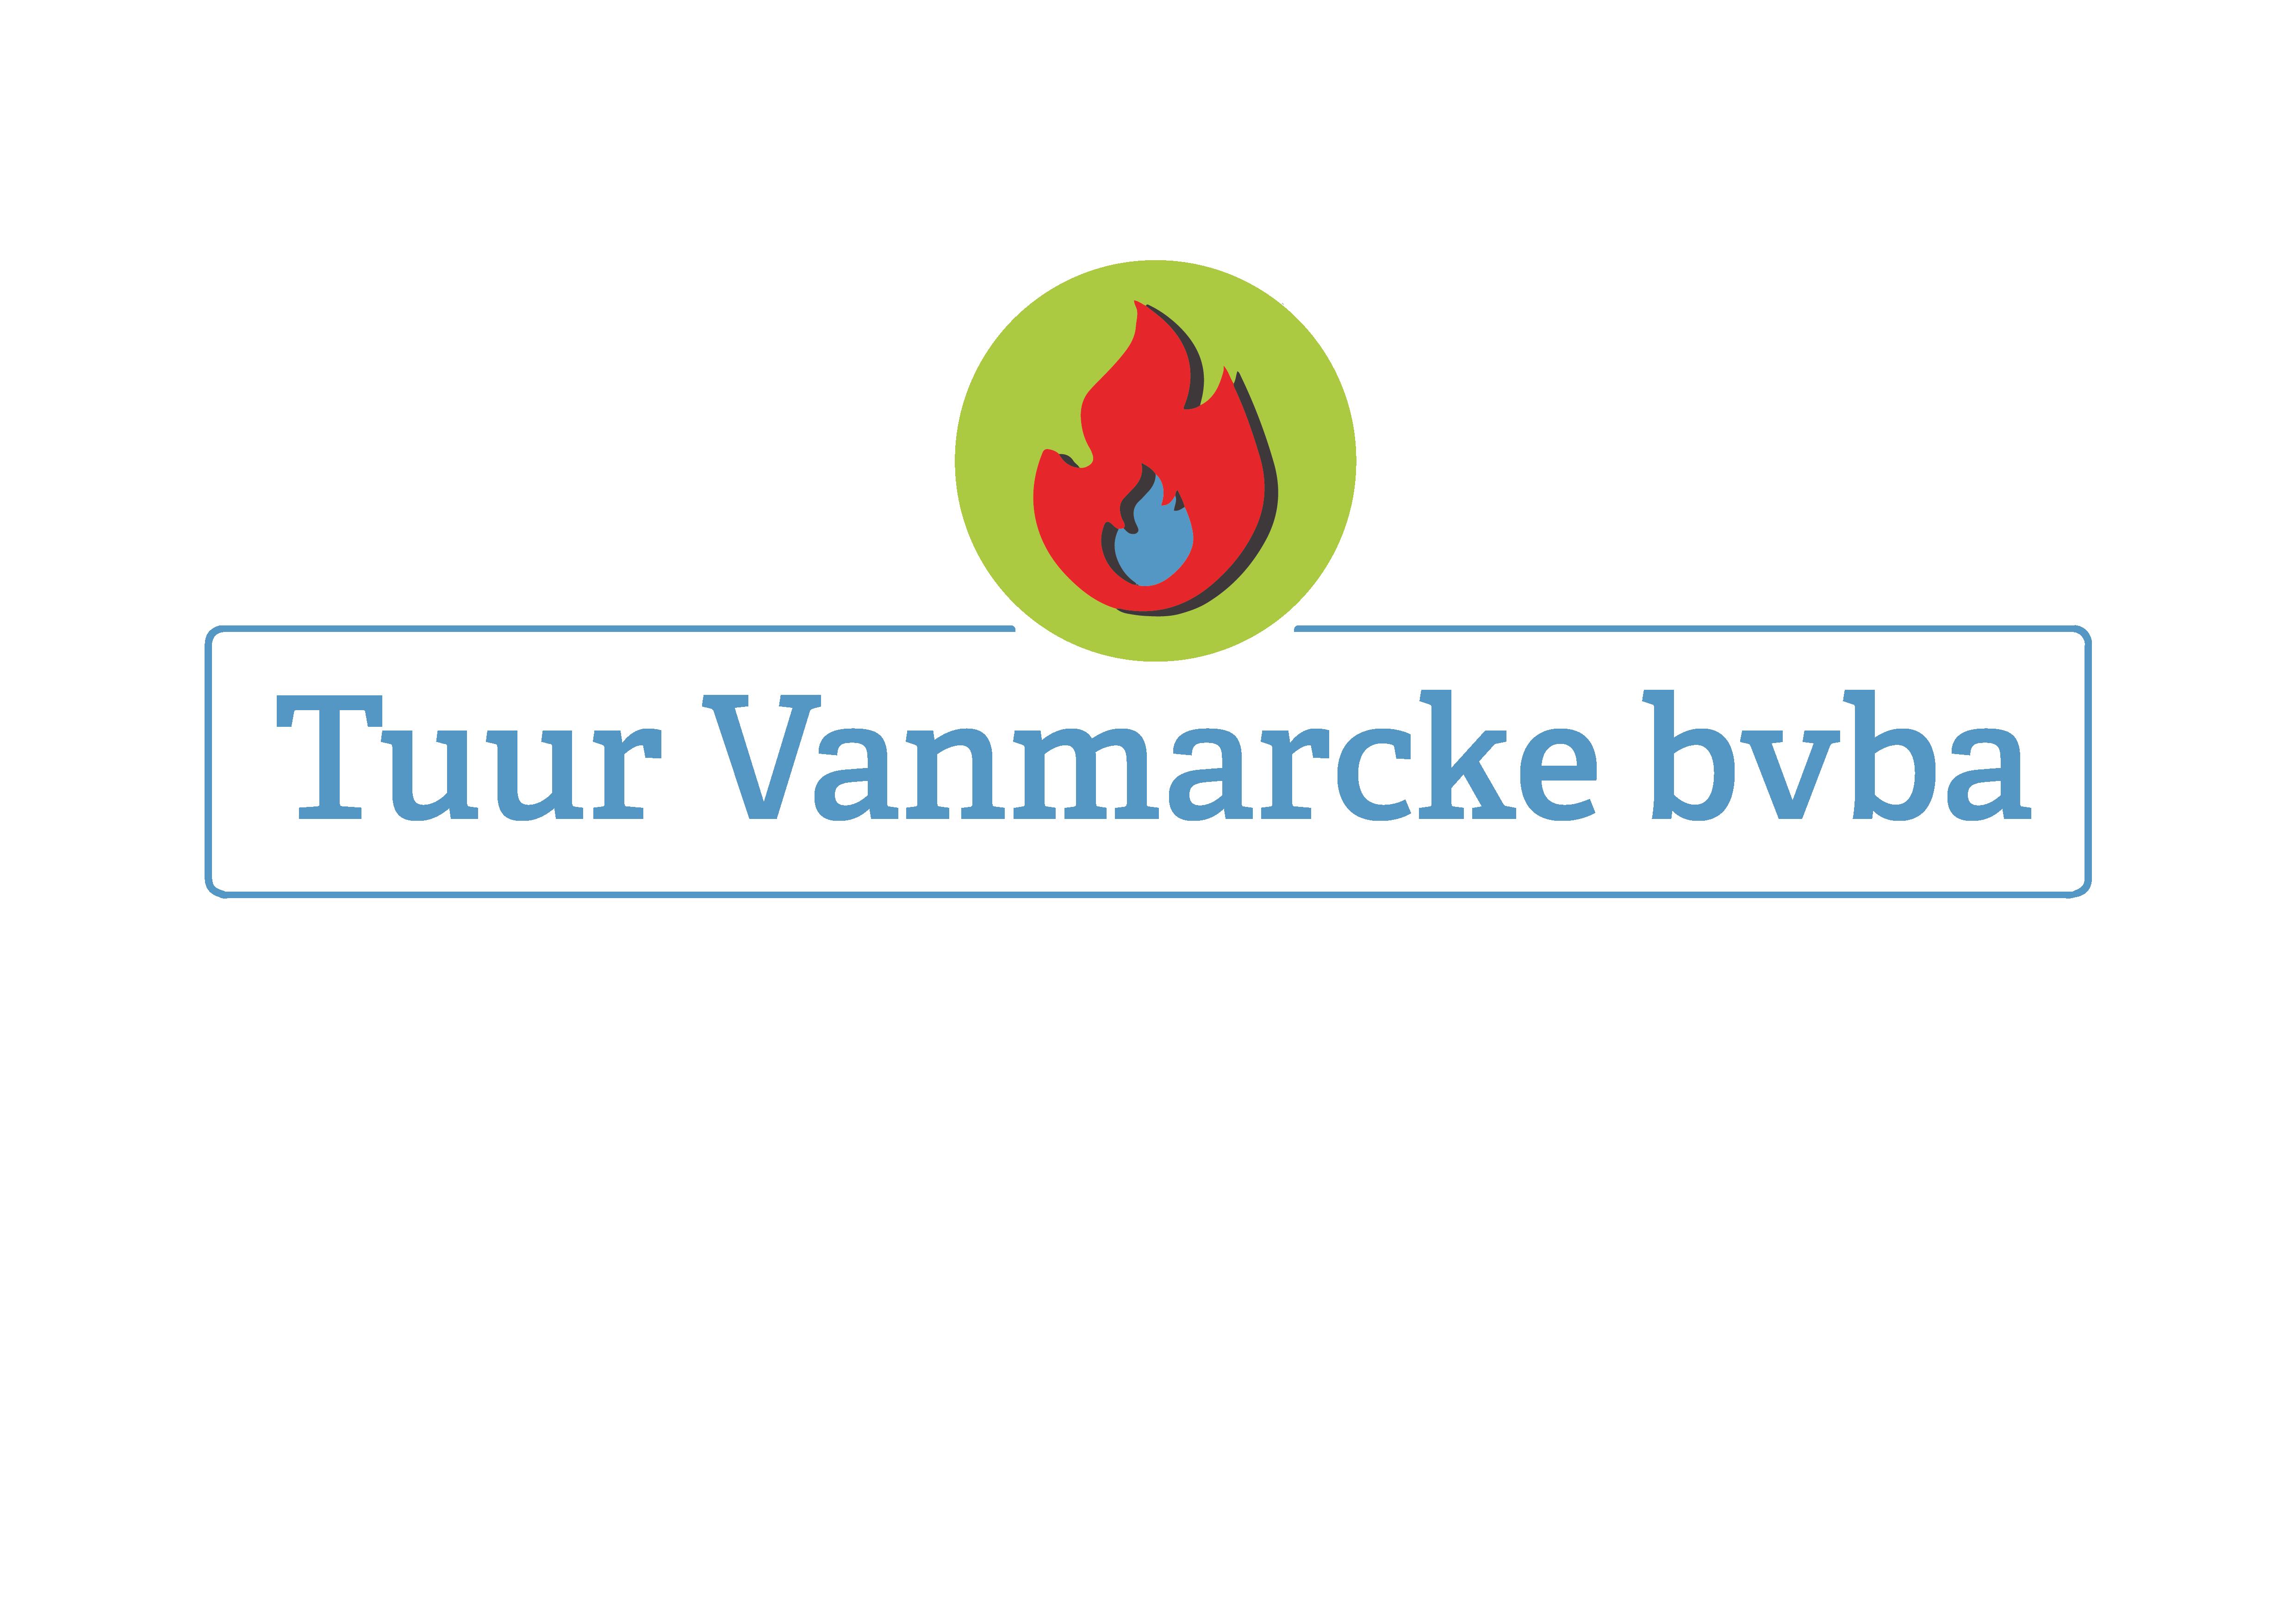 Tuur Vanmarcke BVBA